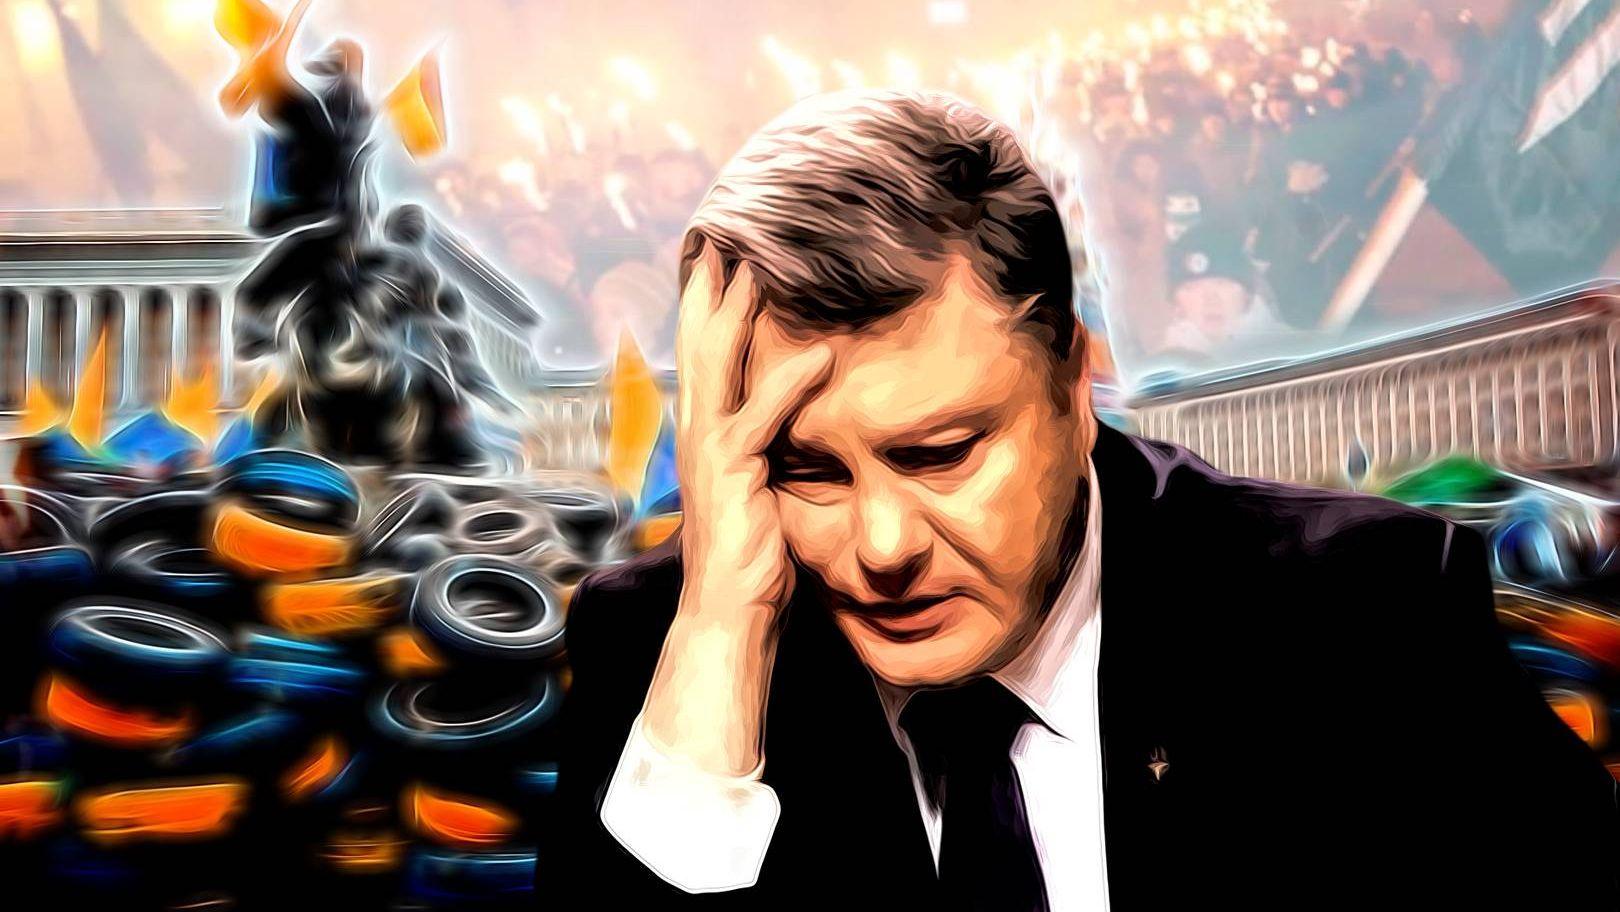 Ельченко: Кремль прервал все контакты с Украинским государством всередине февраля 2014